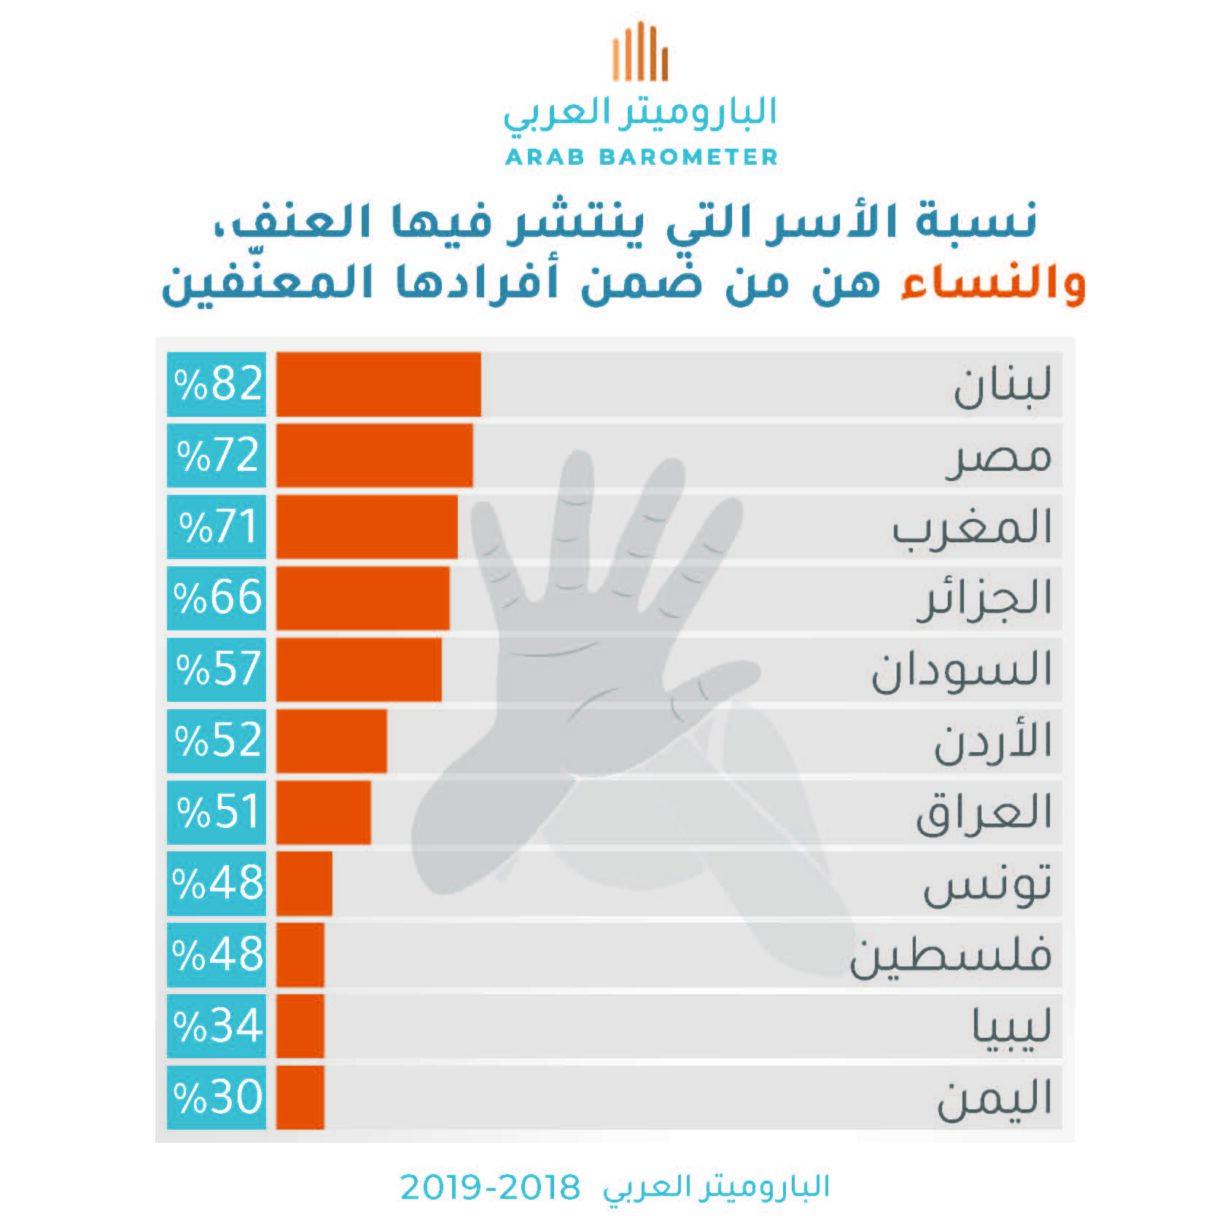 العنف المنزلي واختيارات المرأة العربية الزائفة في زمن كورونا